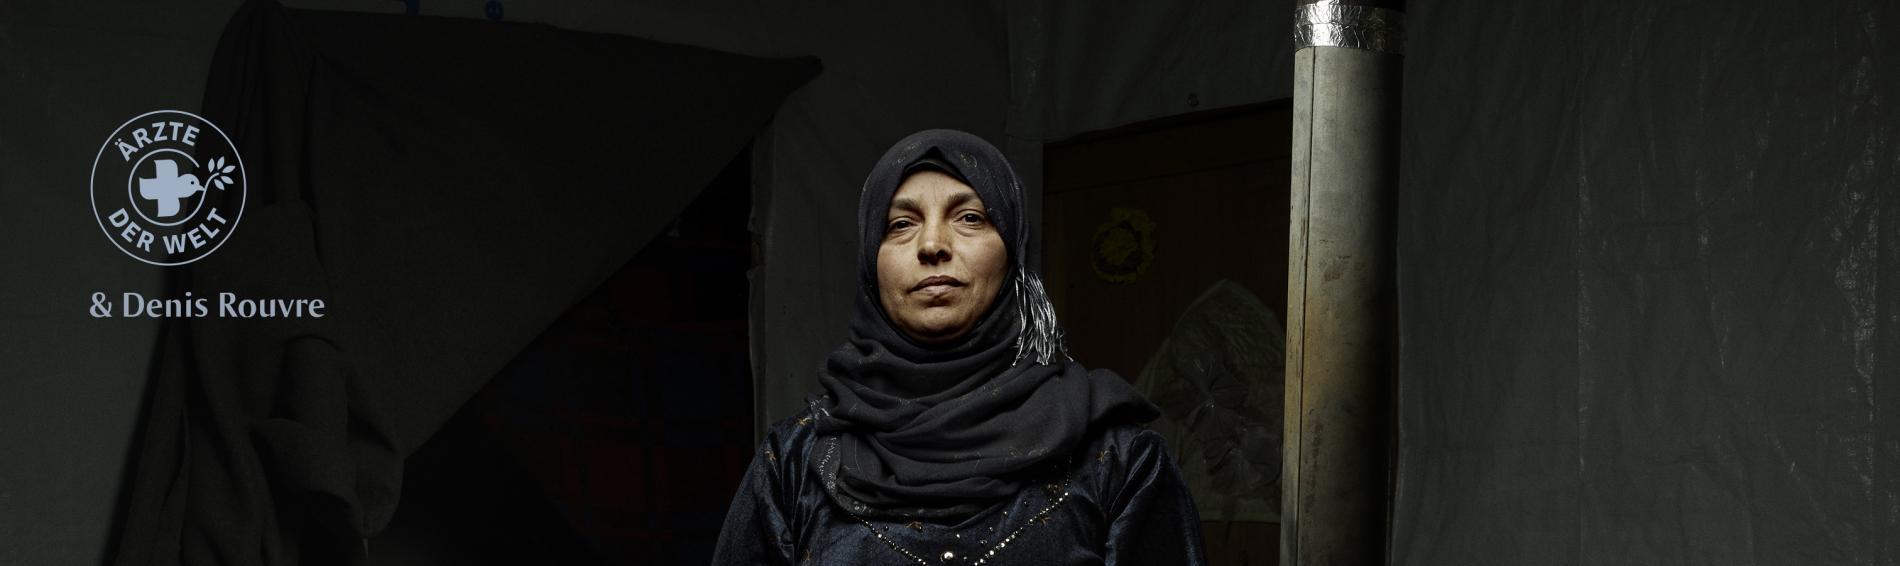 """""""Ich nehme all meinen Mut, meine Kraft und meine Entschlossenheit zusammen, wenn ich etwas zu sagen habe, und sage es. Ich möchte nicht still halten, sondern für meine Rechte einstehen."""" Rajwa Mohamad Rahmoun ist mit ihren Kindern aus Syrien in den Libano"""